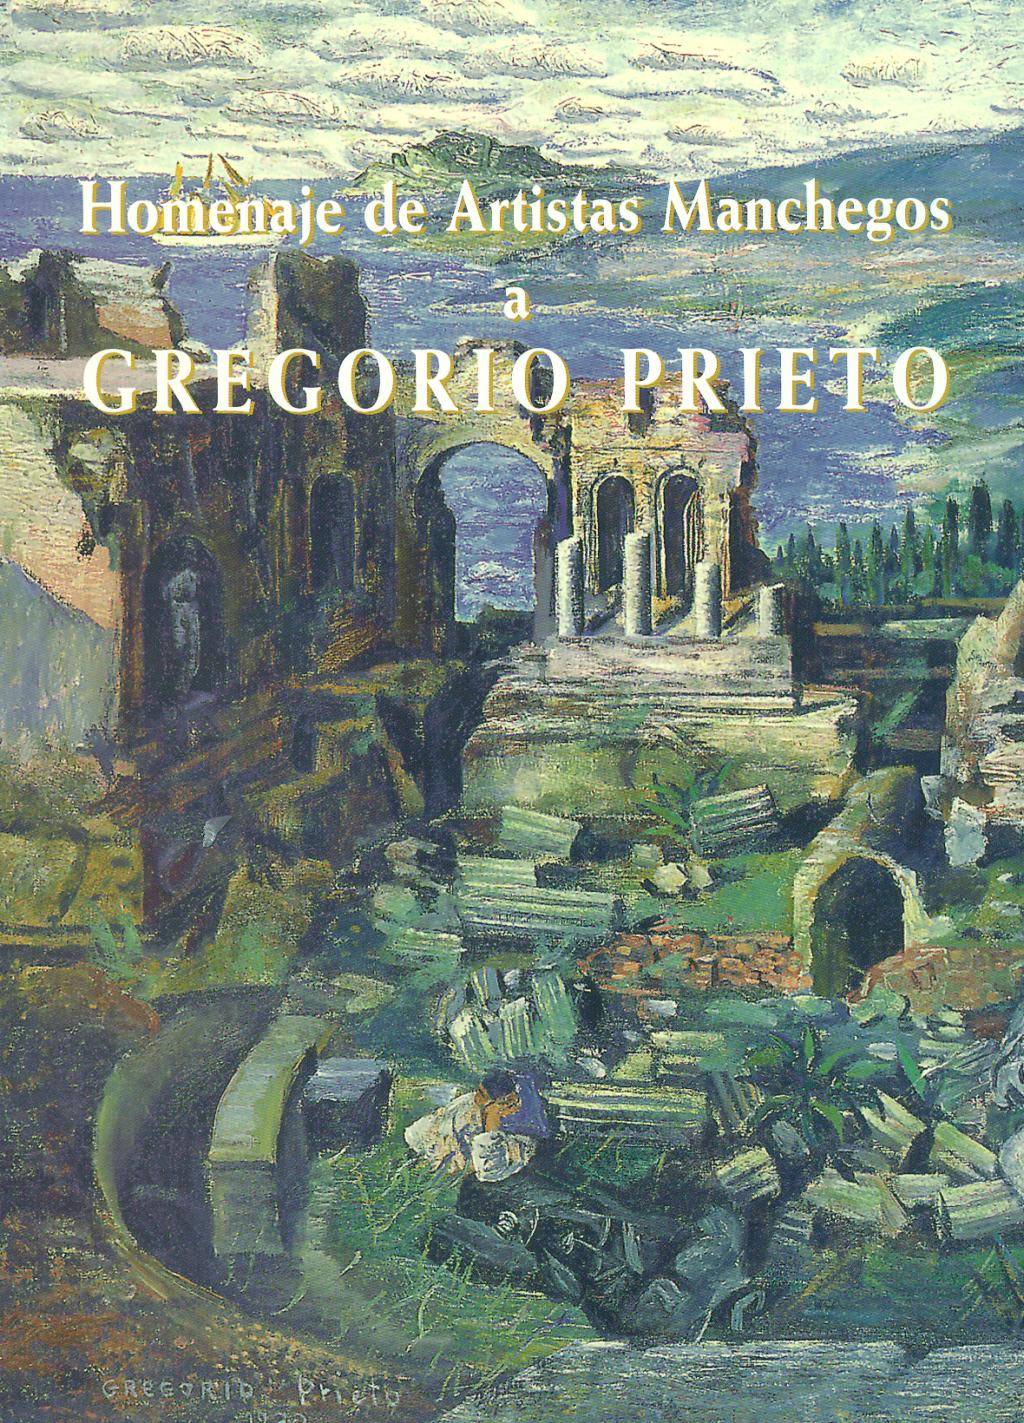 Portada del libro catálogo Homenaje de artistas manchegos a Gregorio Prieto. En la portada aparece una pintura de Gregorio Prieto. Unas ruinas griegas o romanas, ruinas clásicas en un jardín. Se trata de las ruinas de un teatro clásico. Predominan los colores verdes y algunos azules.